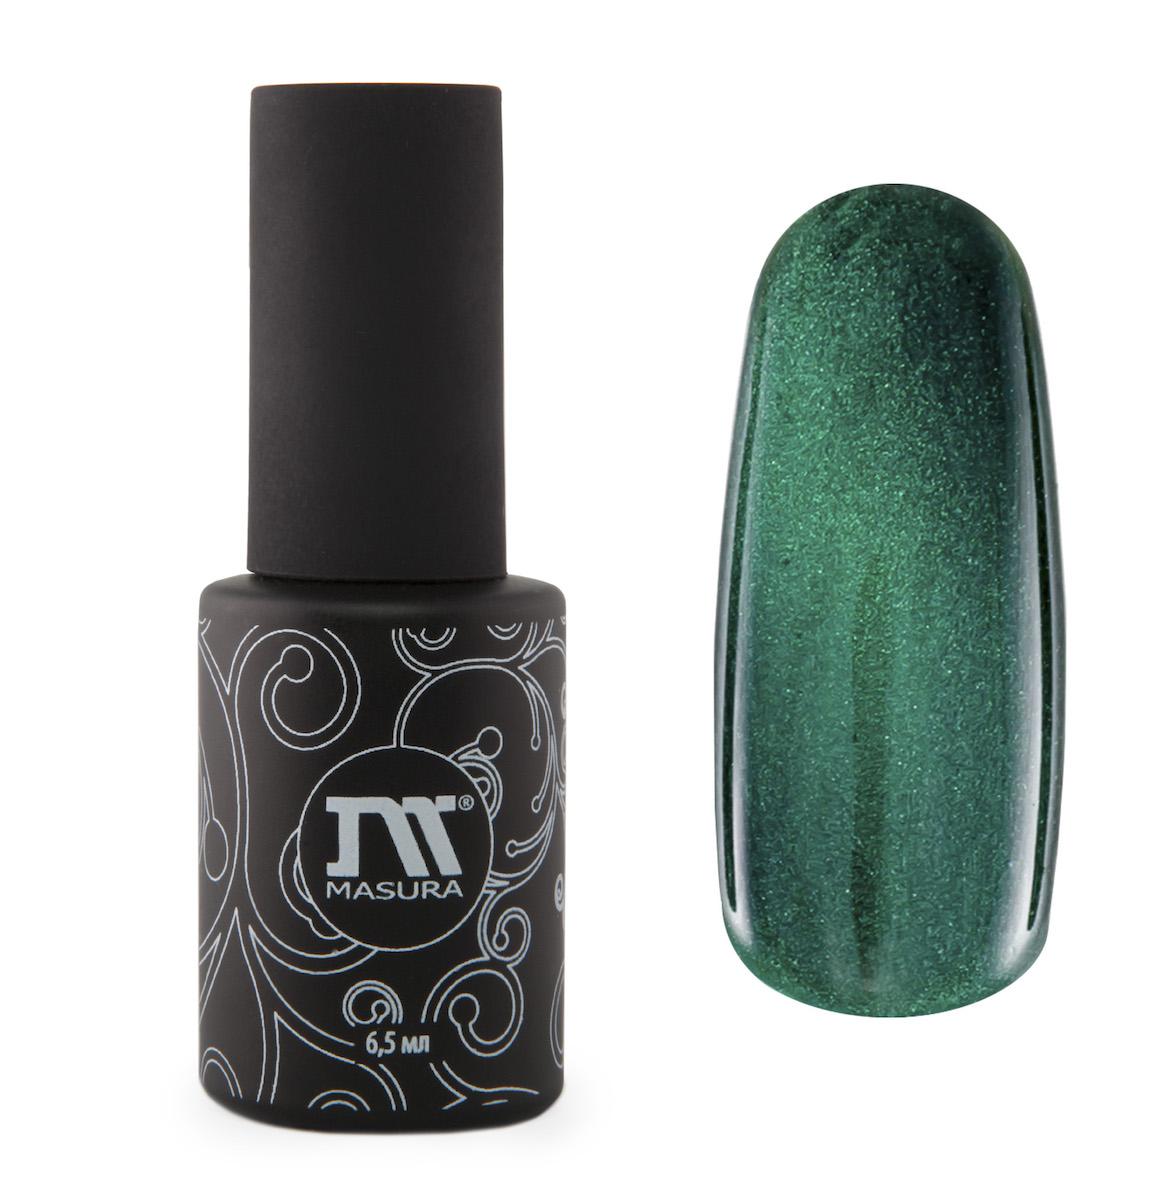 Masura Гель-лак Камея Императрицы, 6,5 мл294-69изумрудно-зеленый с холодным подтоном, с зеркальным переливом, плотный